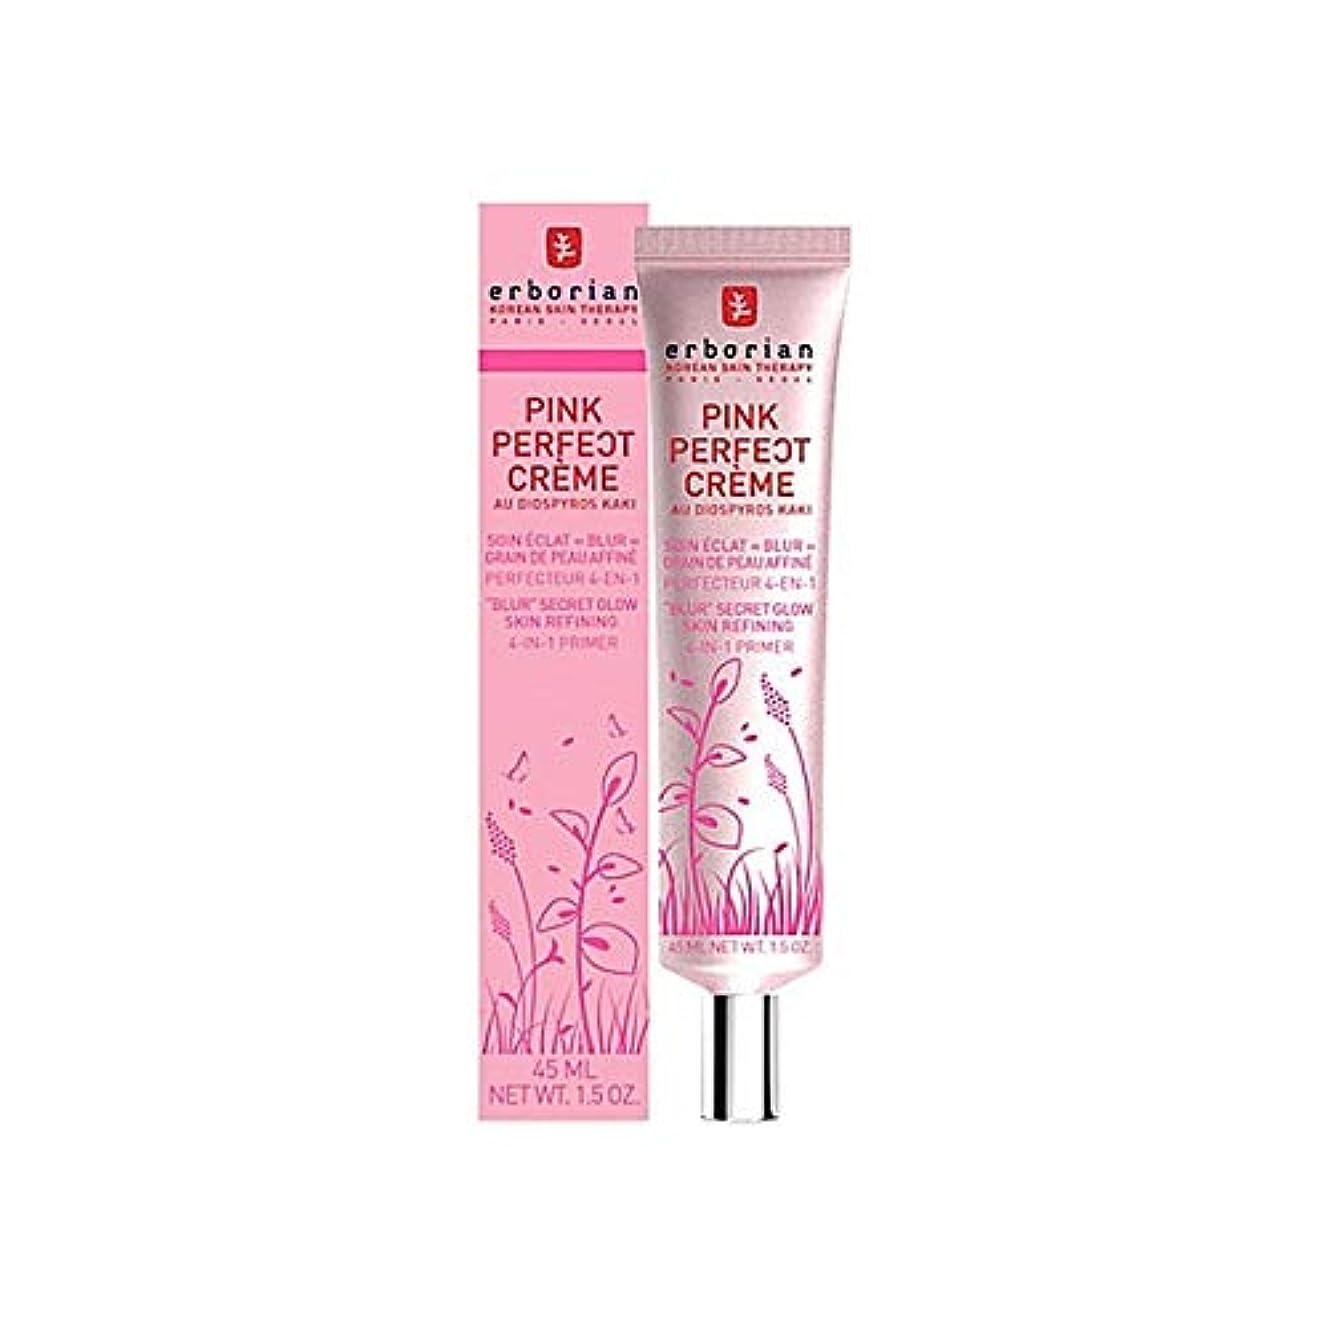 限られた典型的な育成[Erborian] Erborianピンクの完璧なクリーム15ミリリットル - Erborian Pink Perfect Creme 15ml [並行輸入品]